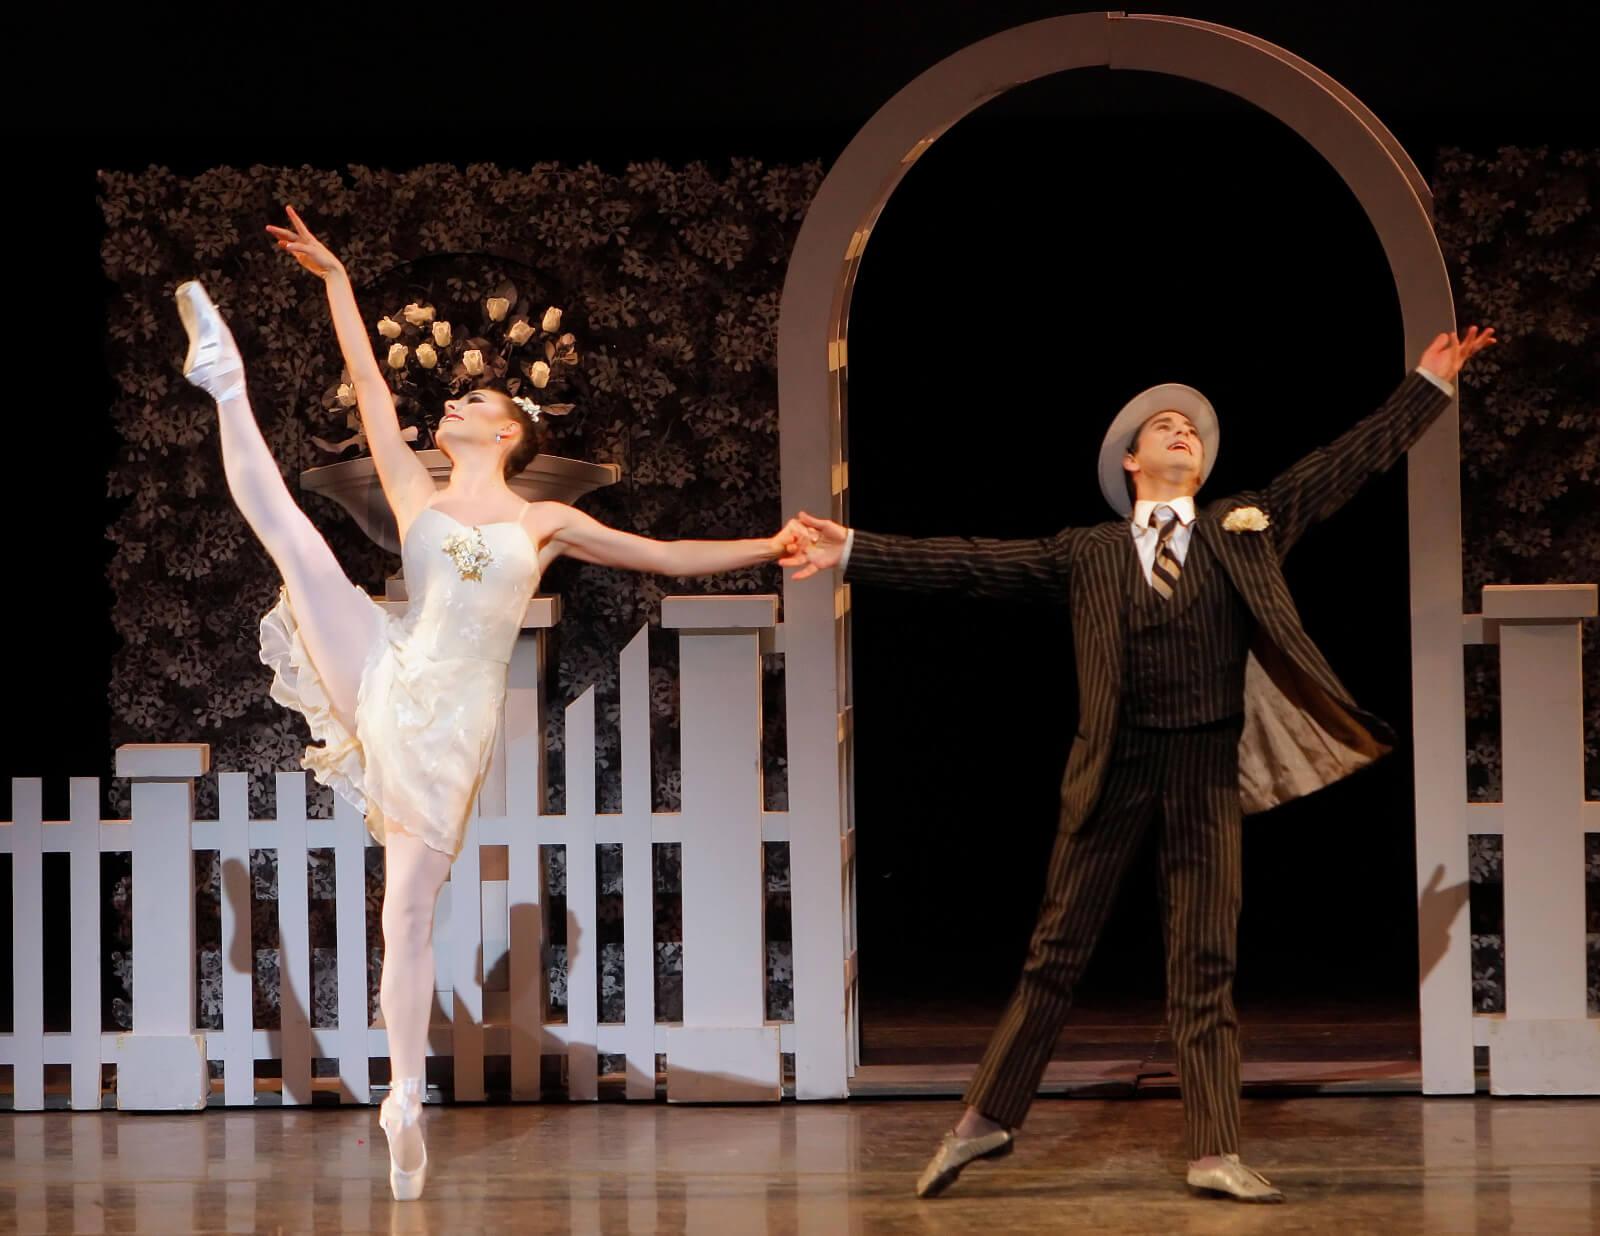 Tiler Peck and Tom Gold dance a pas de deux.